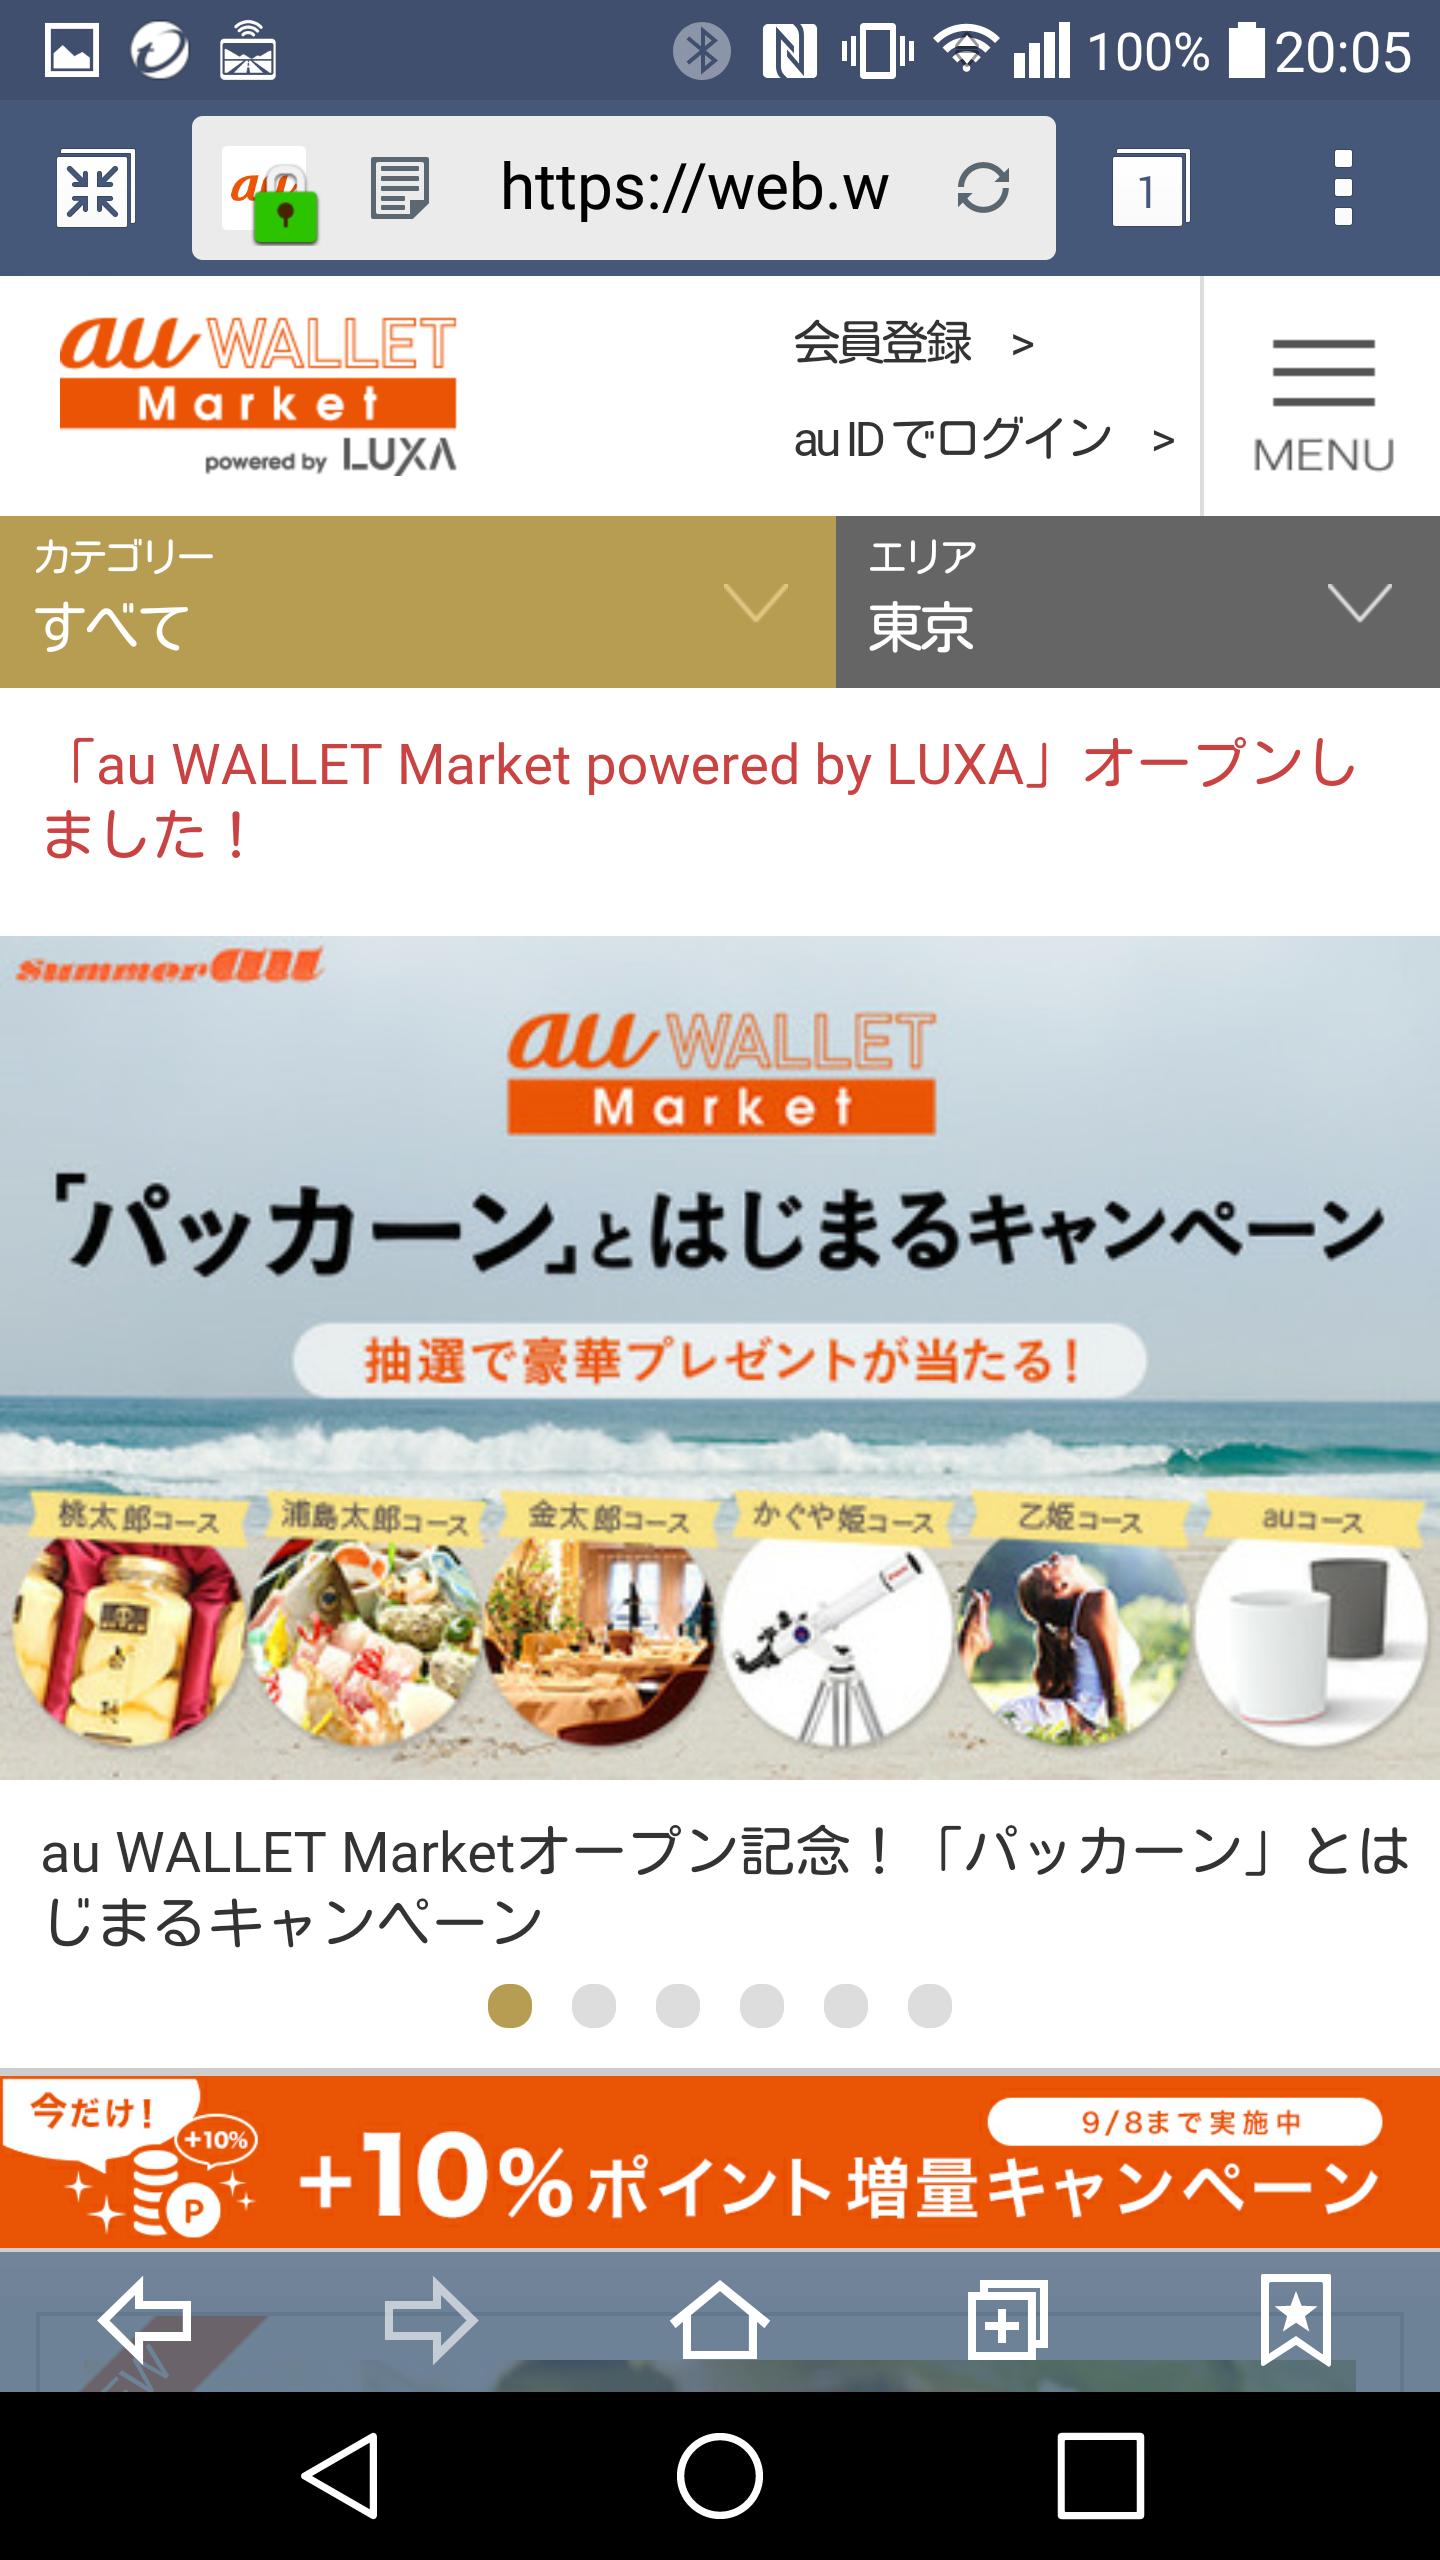 スマートフォンでau WALLET Marketにアクセスすると、オンライン版が表示される